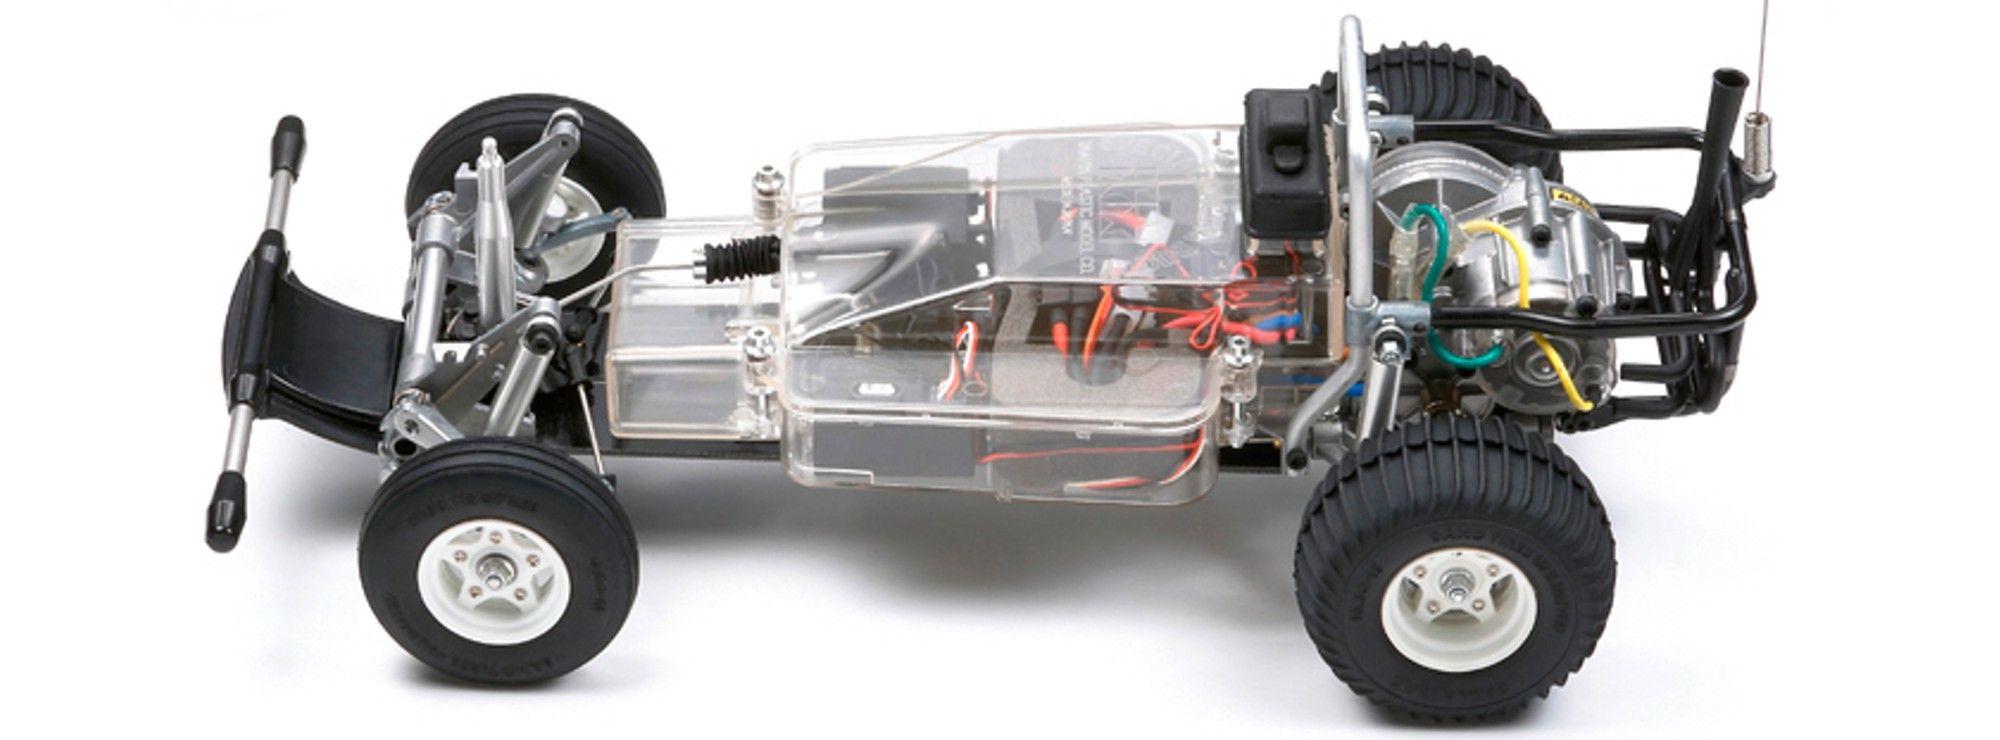 Tamiya 1//10 Aluminium Heckstoßstange Schutz Für Sand Scorcher Super Kauen Buggy